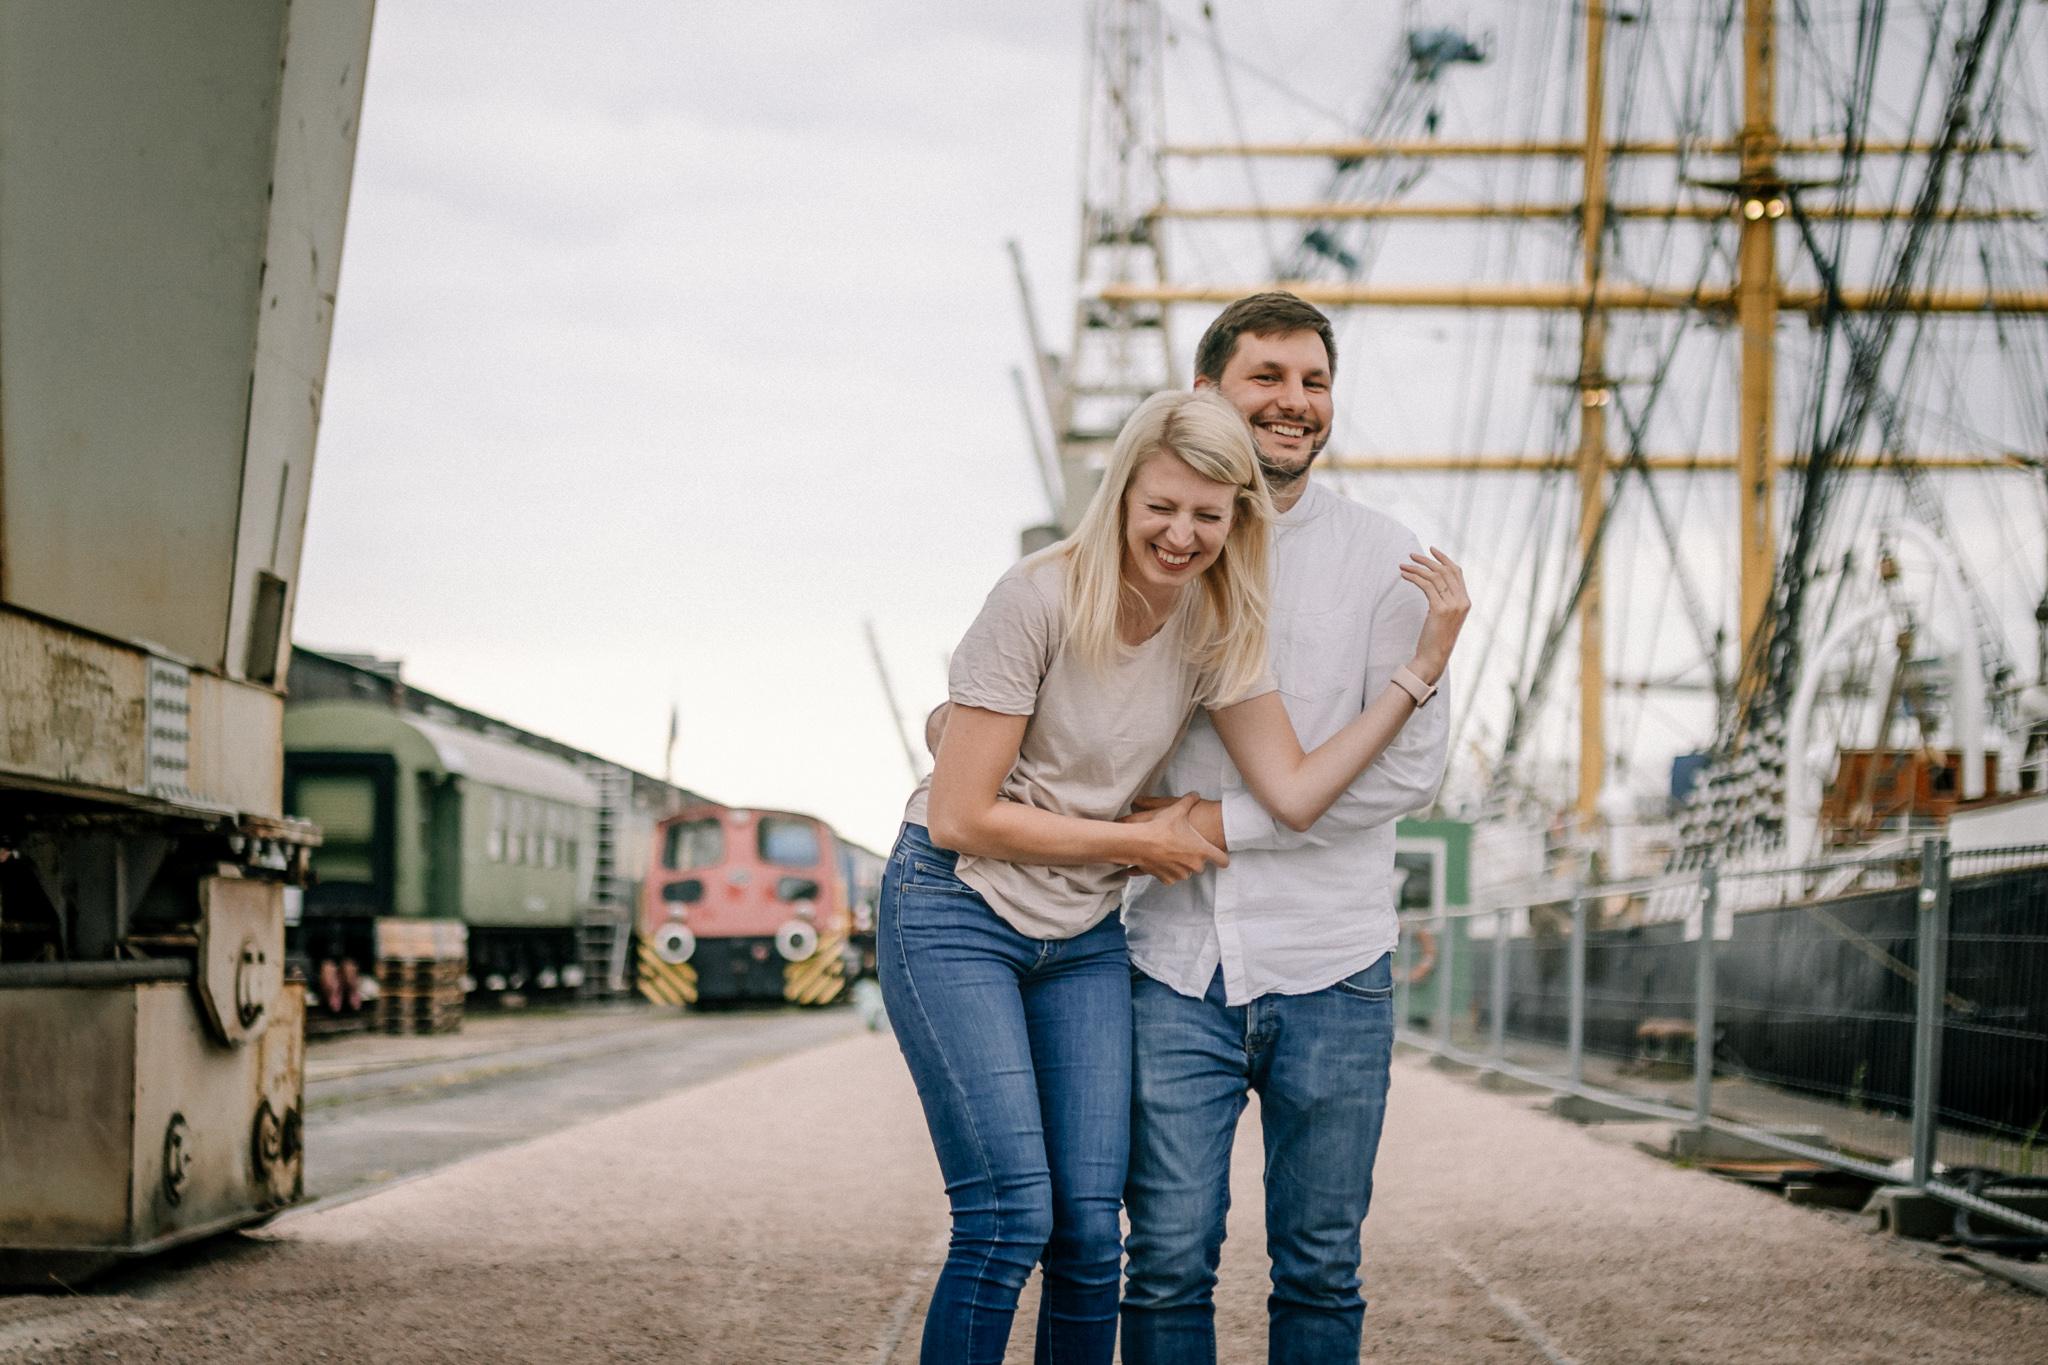 Hochzeitsfotograf, Sven Schomburg Hochzeitsfotografie, Coupleshooting, Brautpaar, Hochzeitspaar, Hamburg, Peking, Hafenmuseum Hamburg, Hochzeitstag, wahre Momente-16